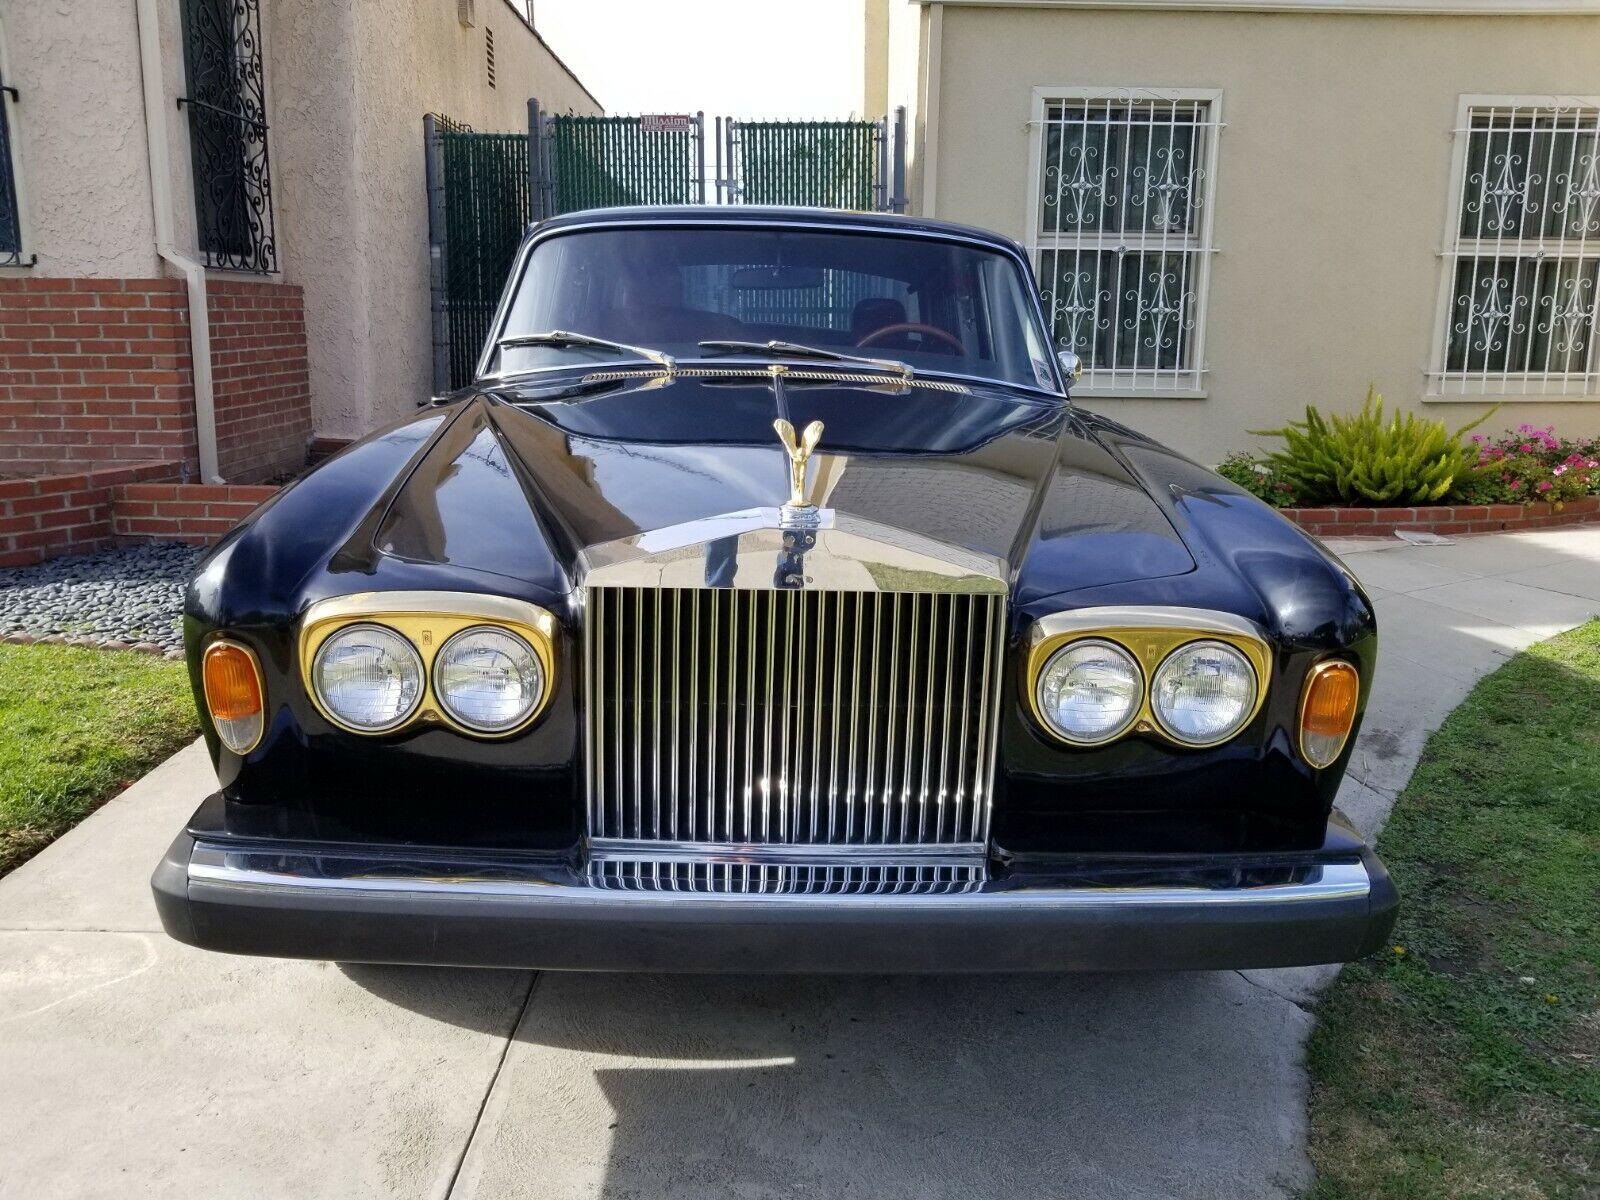 1974 Rolls-Royce Silver Shadow  1974 Rolls Royce Silver Shadow